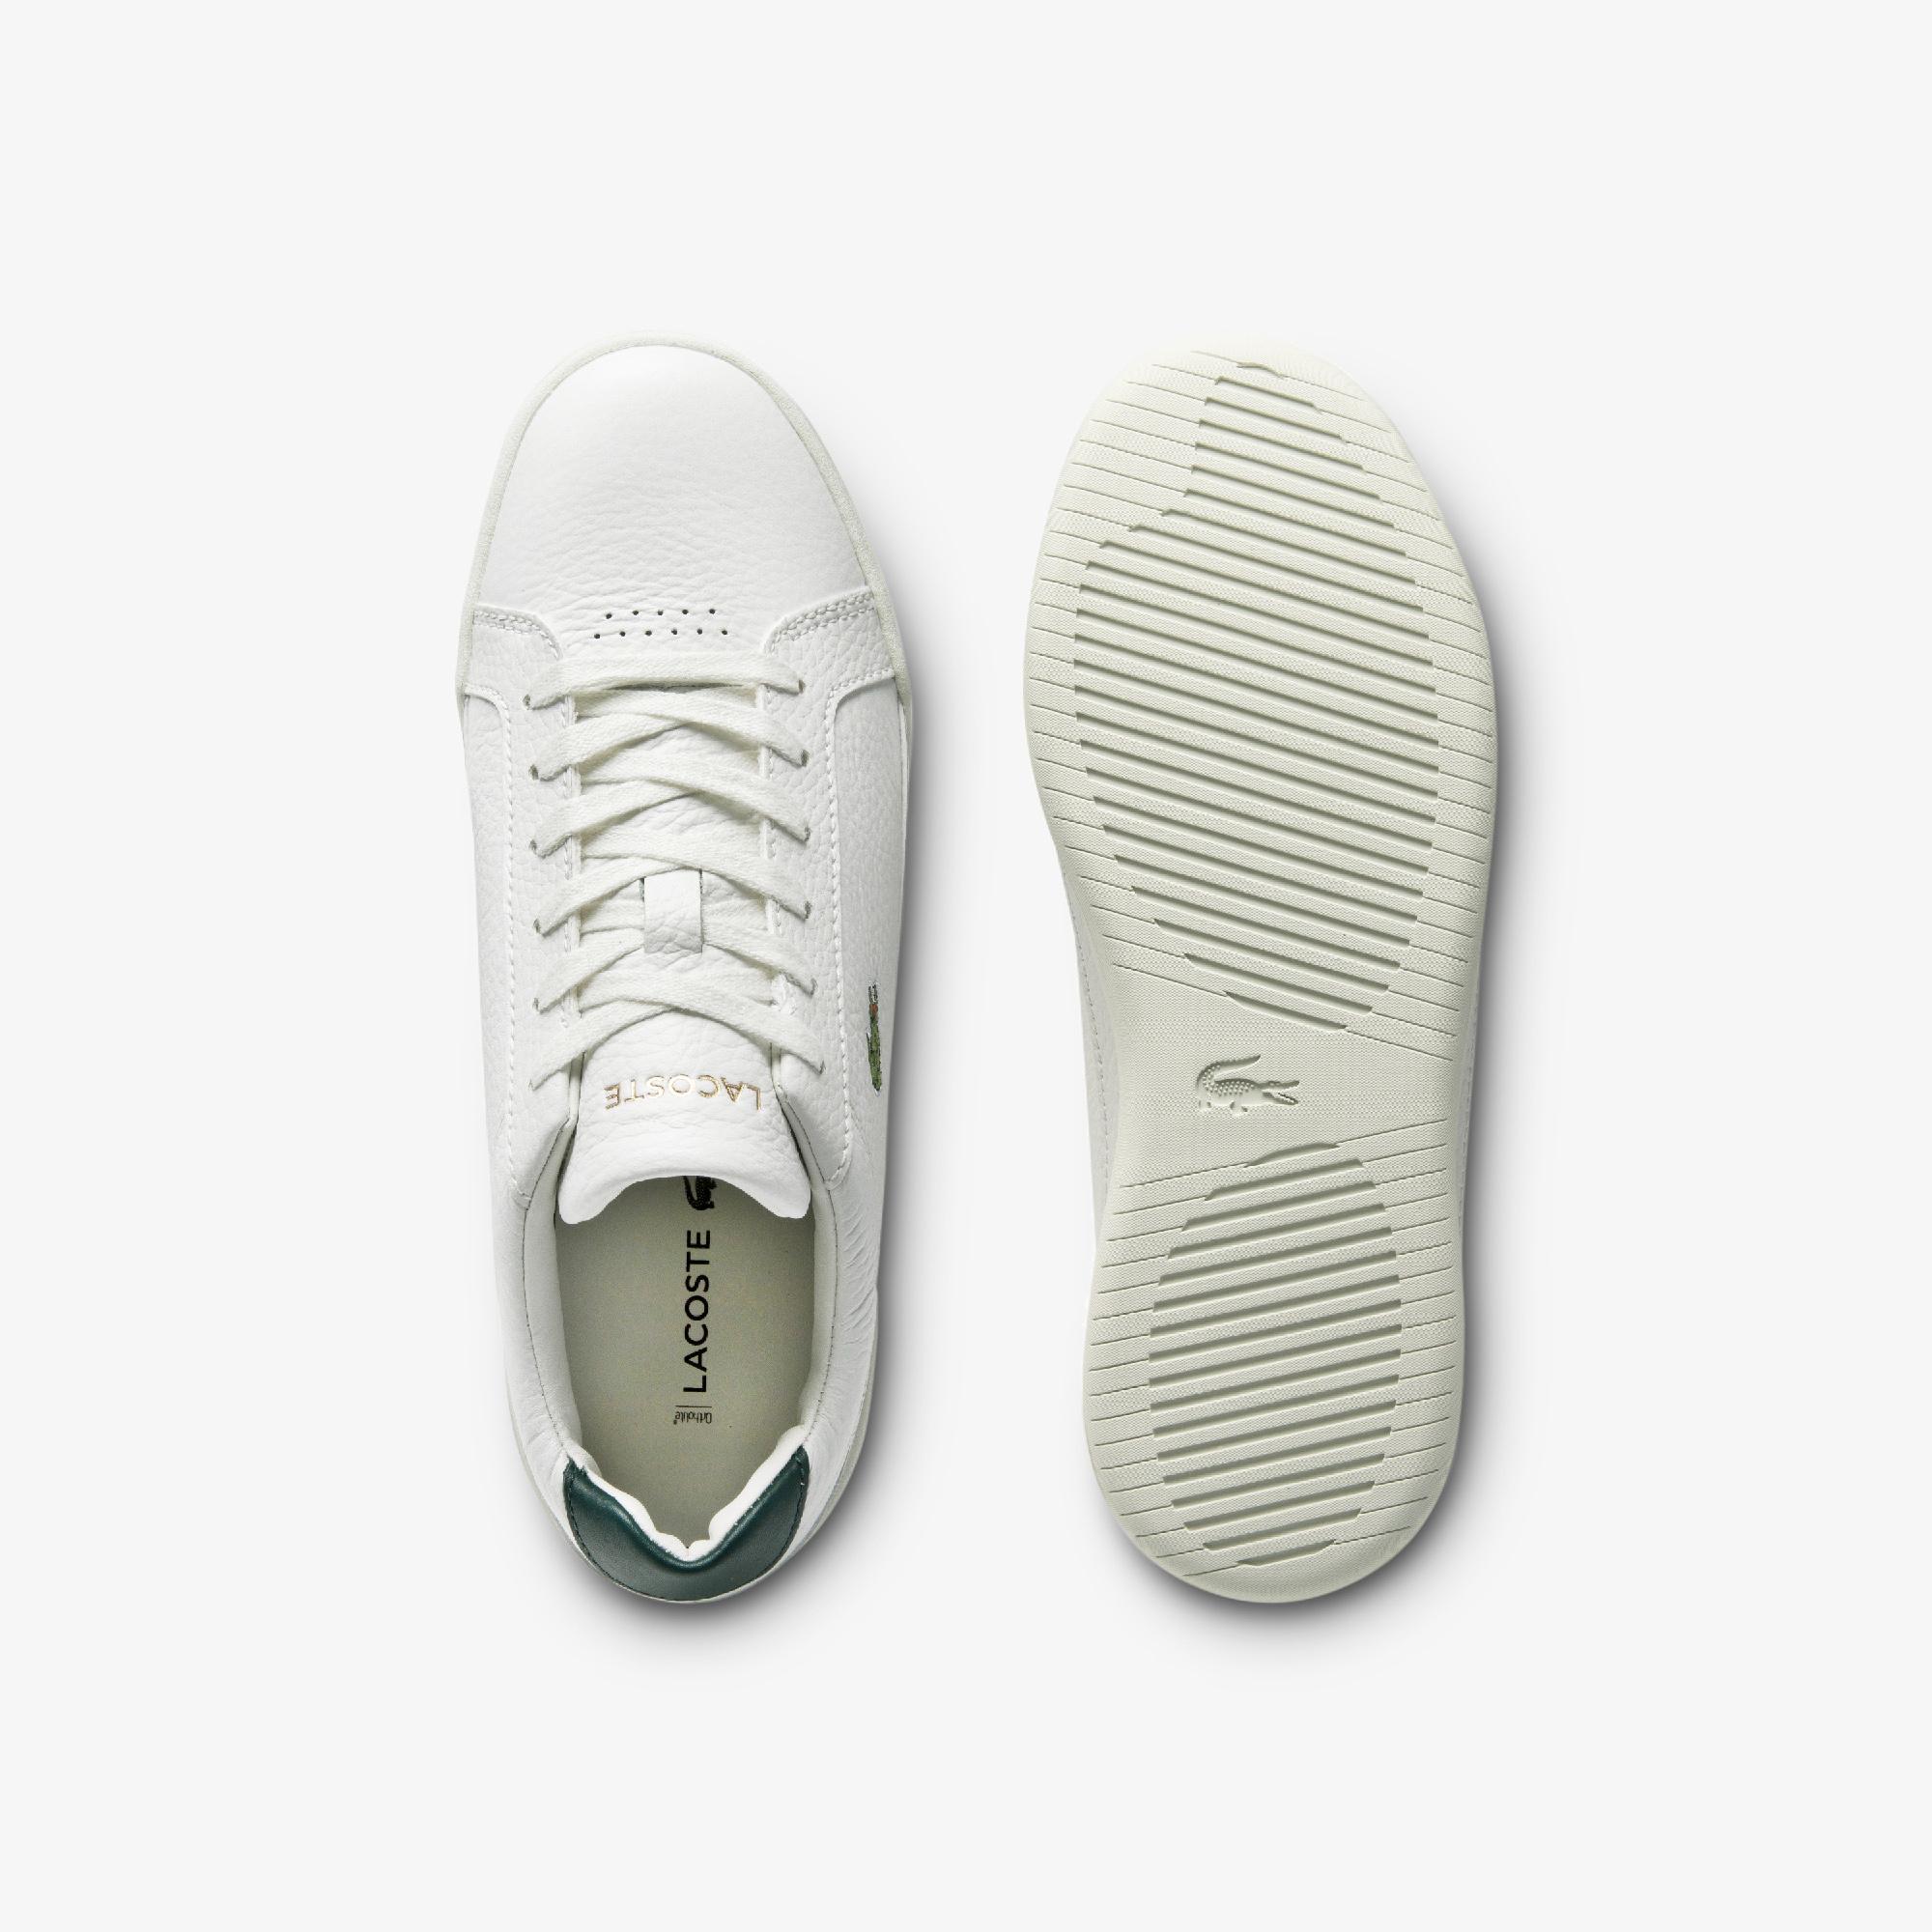 Lacoste Challenge 0120 1 Sfa Kadın Deri Beyaz - Koyu Yeşil Sneaker